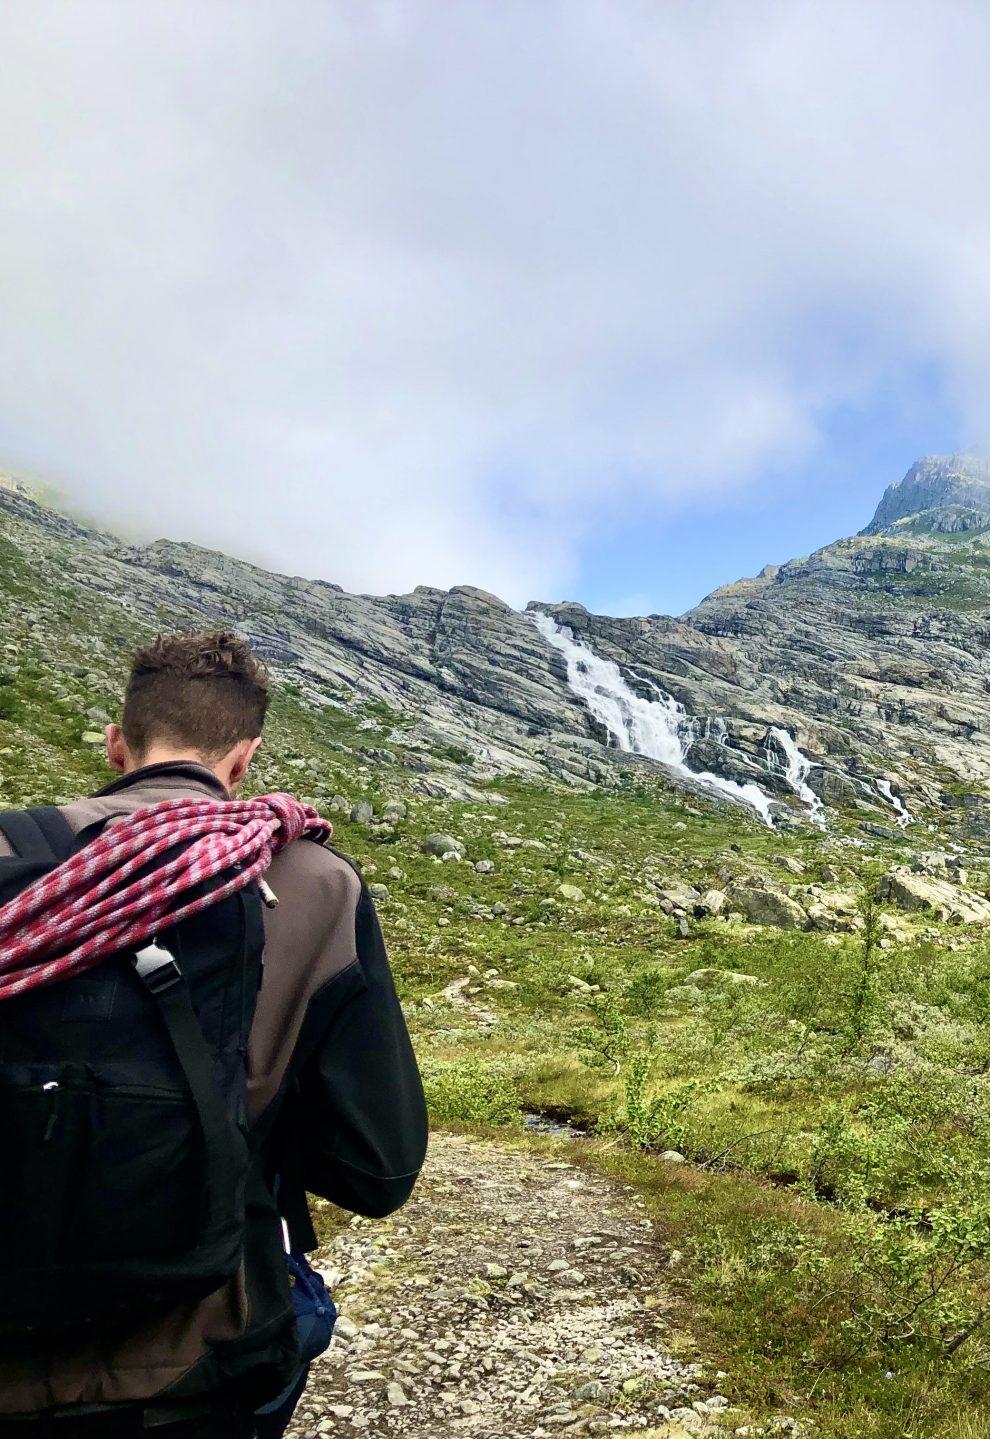 Zuid-Noorwegen rondreis. bezienswaardigheden & tips! Haugabreen gletsjer beklimmen